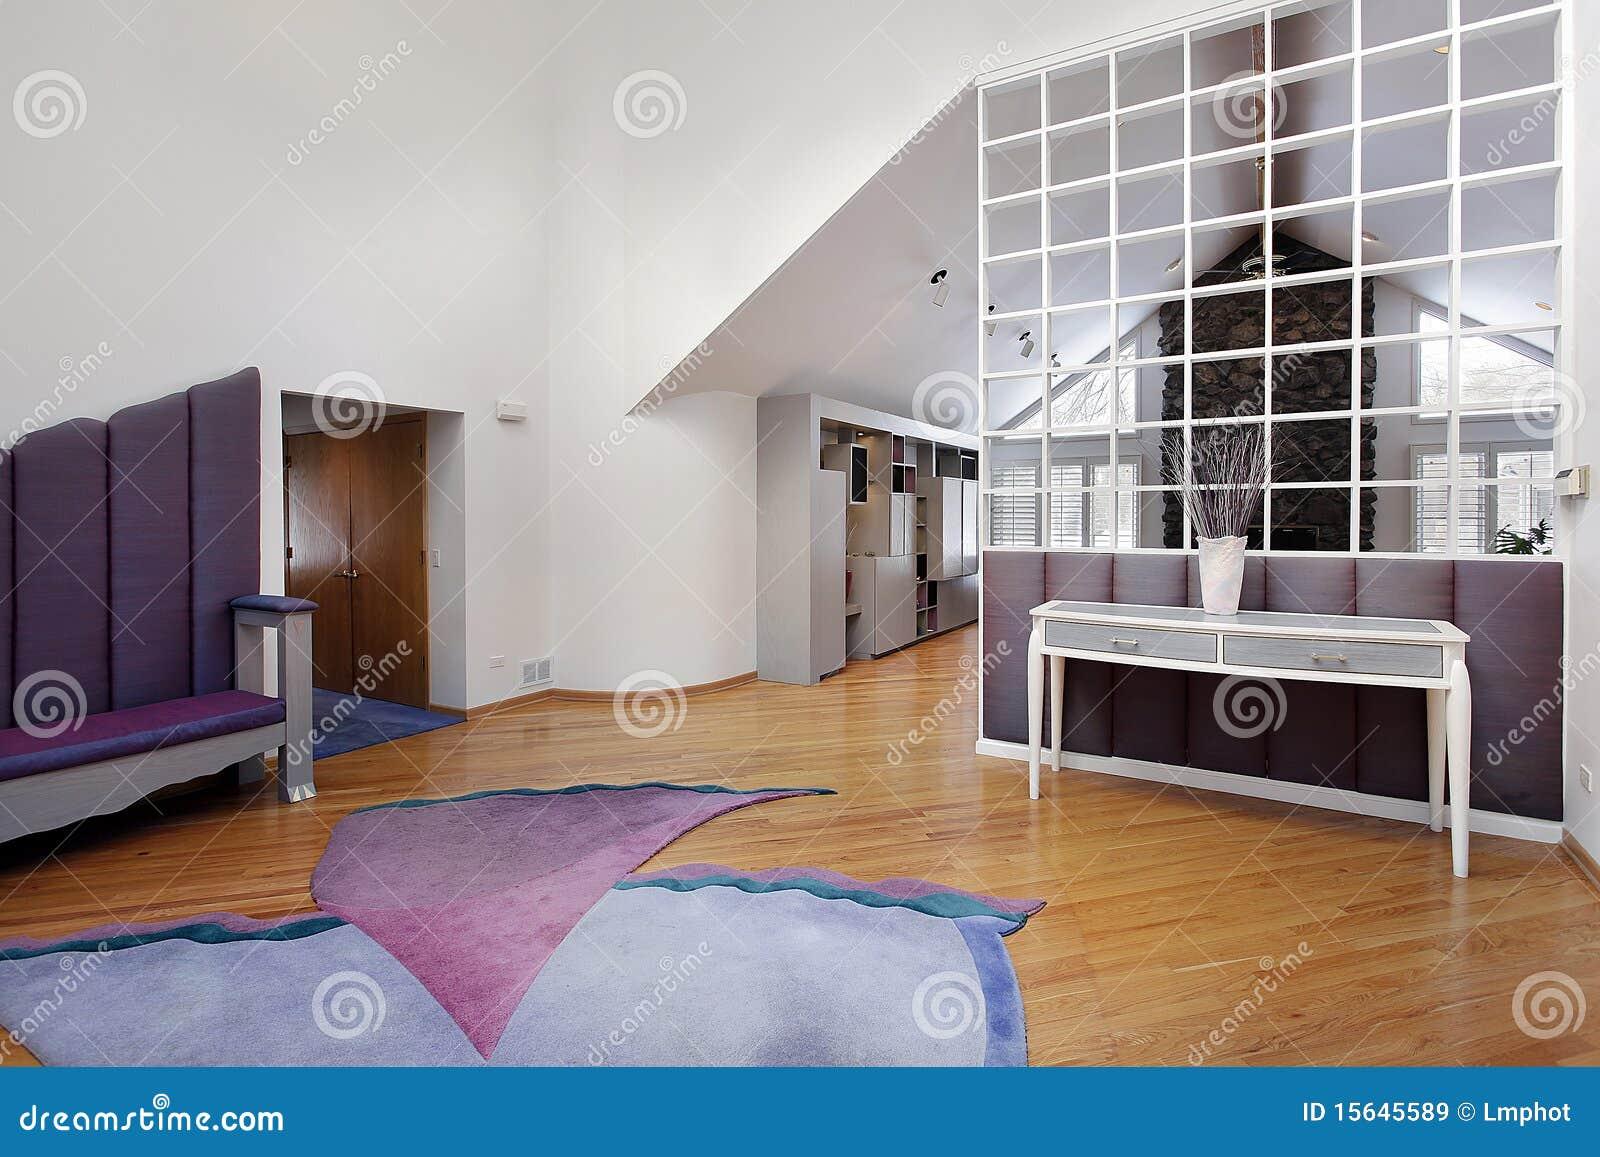 Lounge in eigentijds huis royalty vrije stock afbeeldingen beeld 15645589 - Gevel eigentijds huis ...